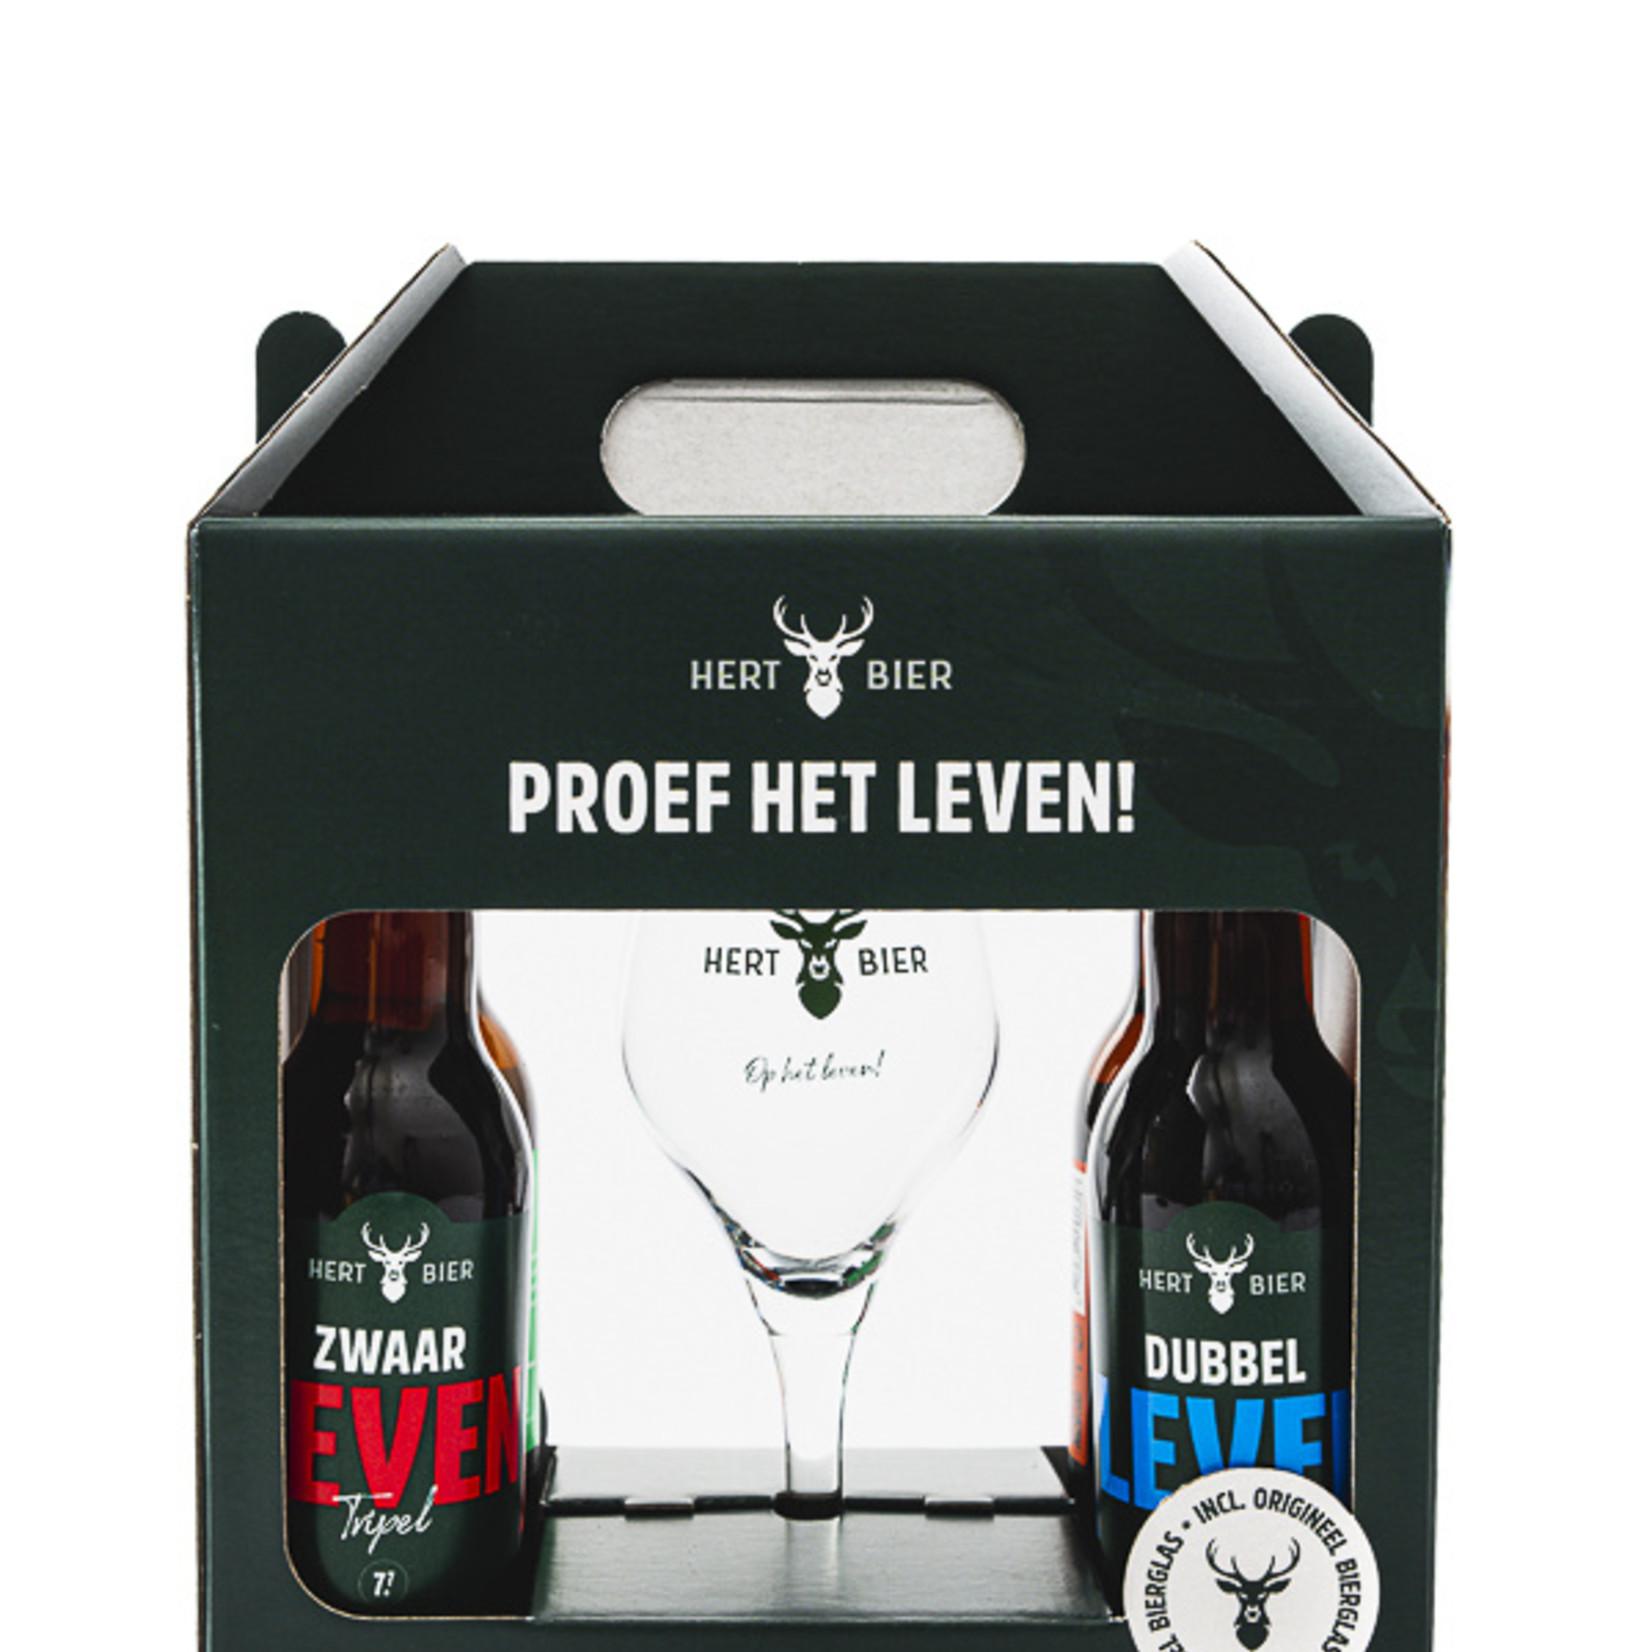 Hert Bier Stijlvolle bierdoos met 6 speciaalbieren - Copy - Copy